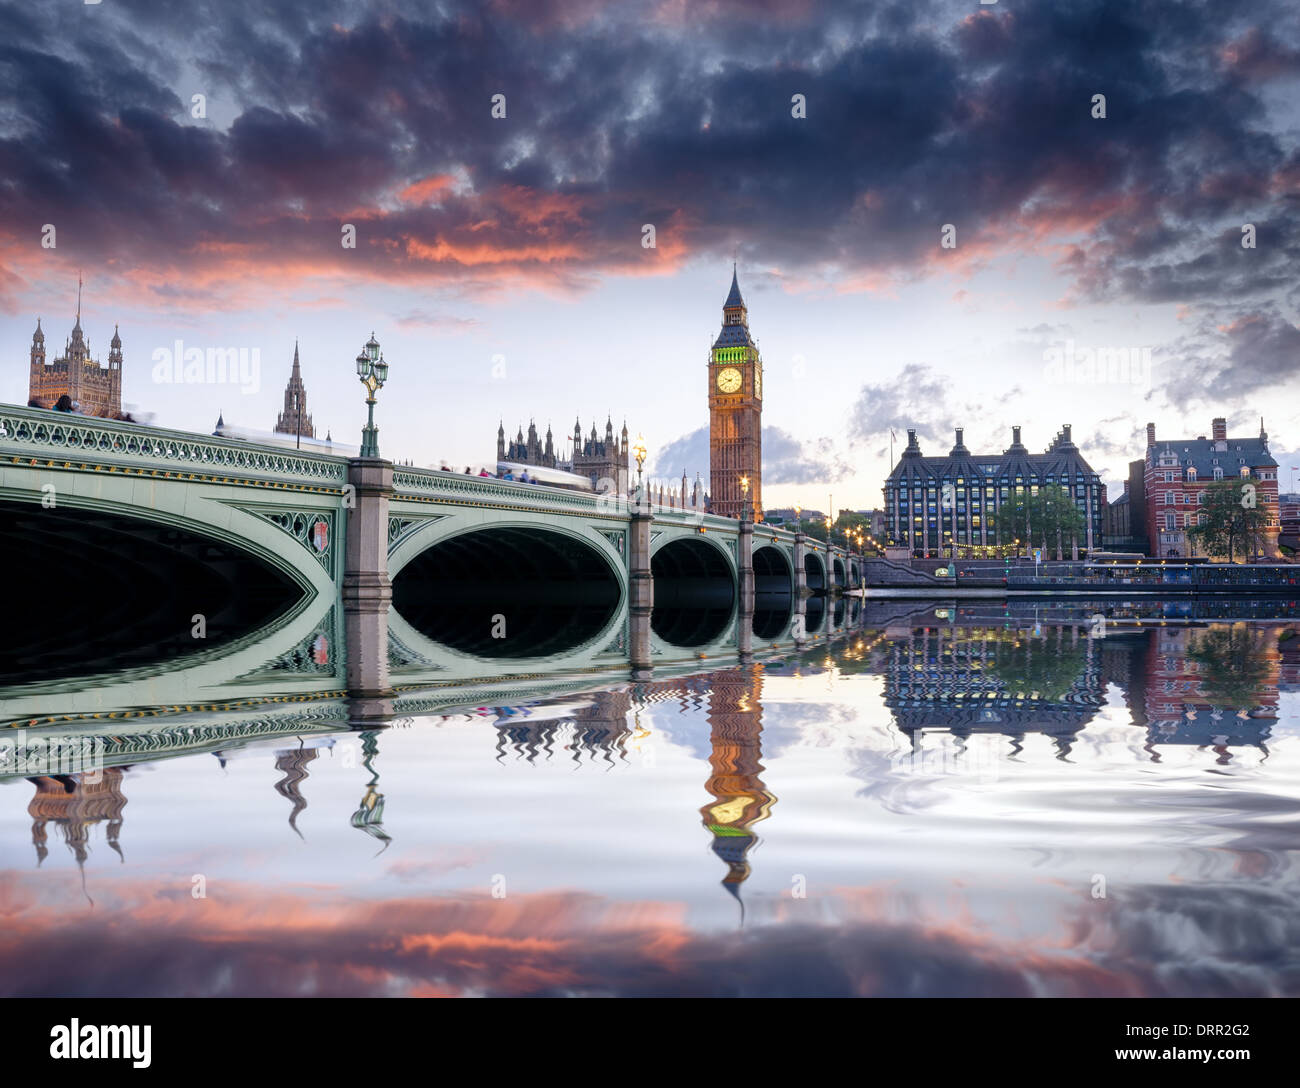 Atardecer en el puente de Westminster y el Big Ben de Londres Imagen De Stock